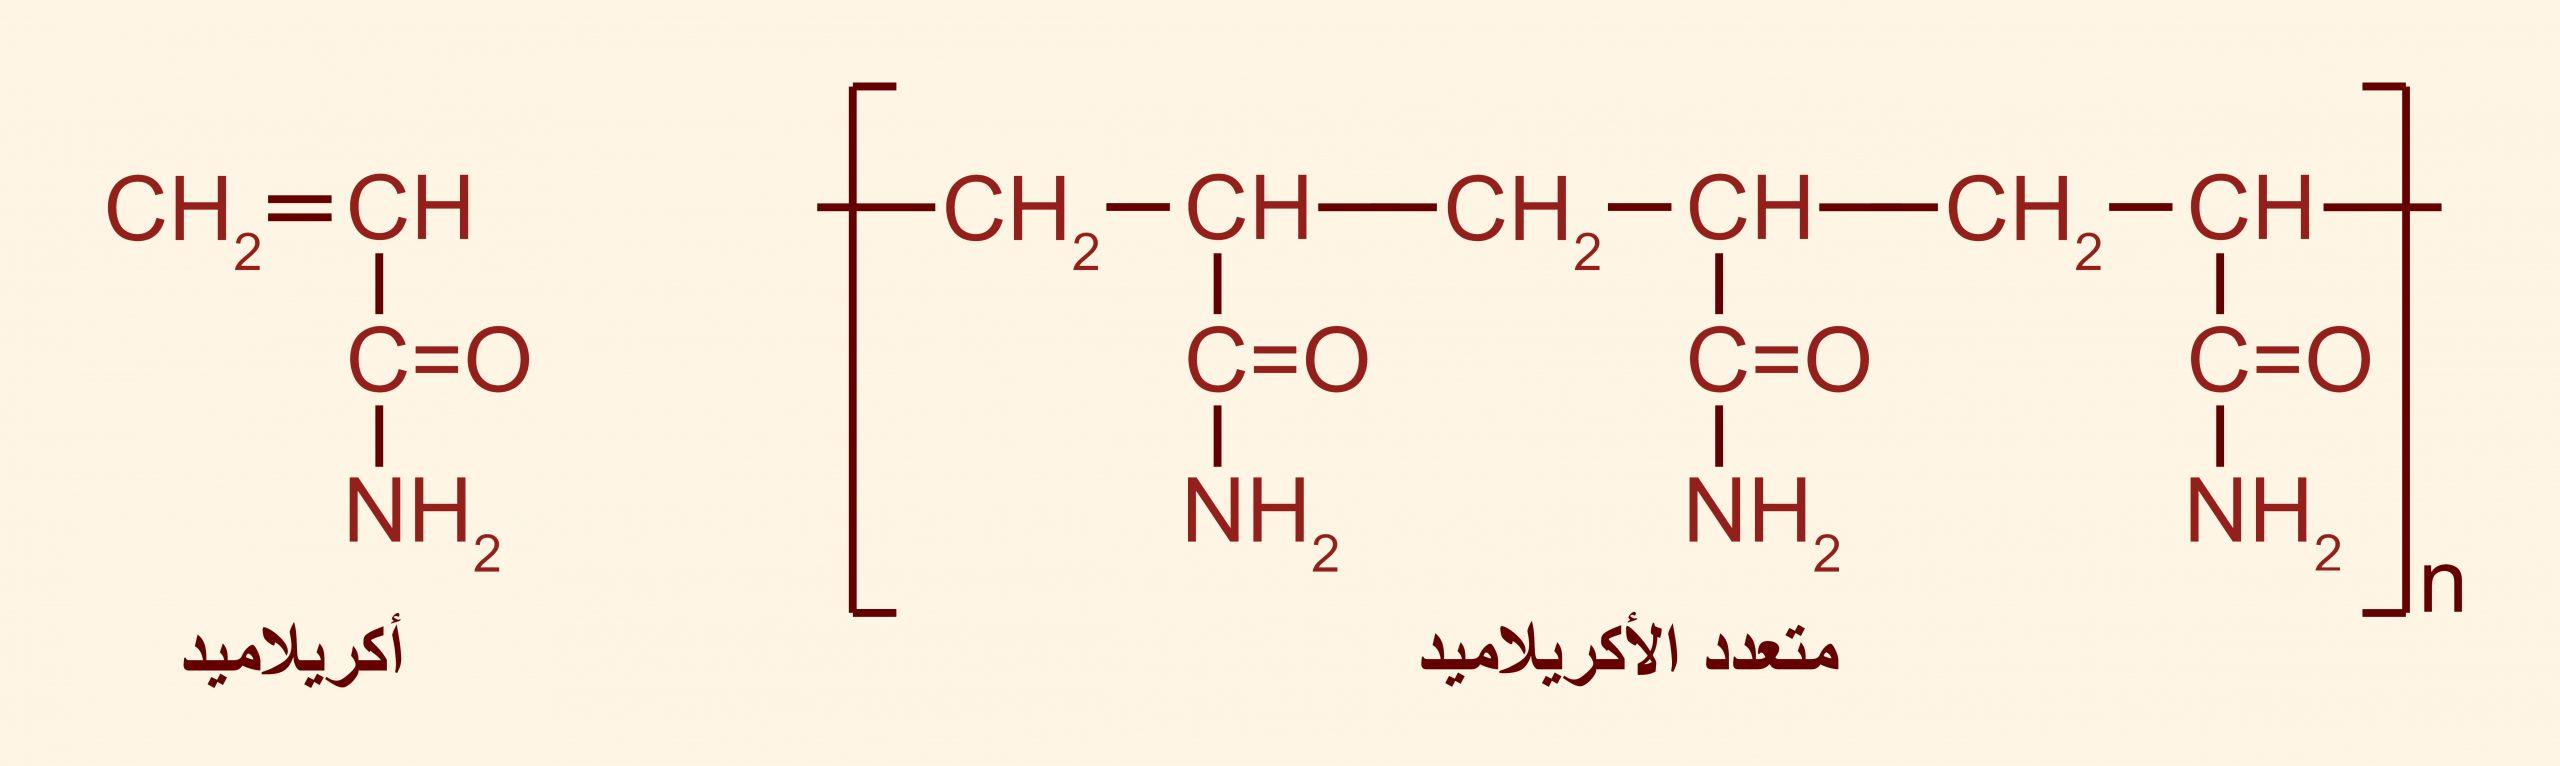 متعدد الأكريلامايد (متعدد الأكريلاميد - عديد الأكريلاميد)Polyacrylamide